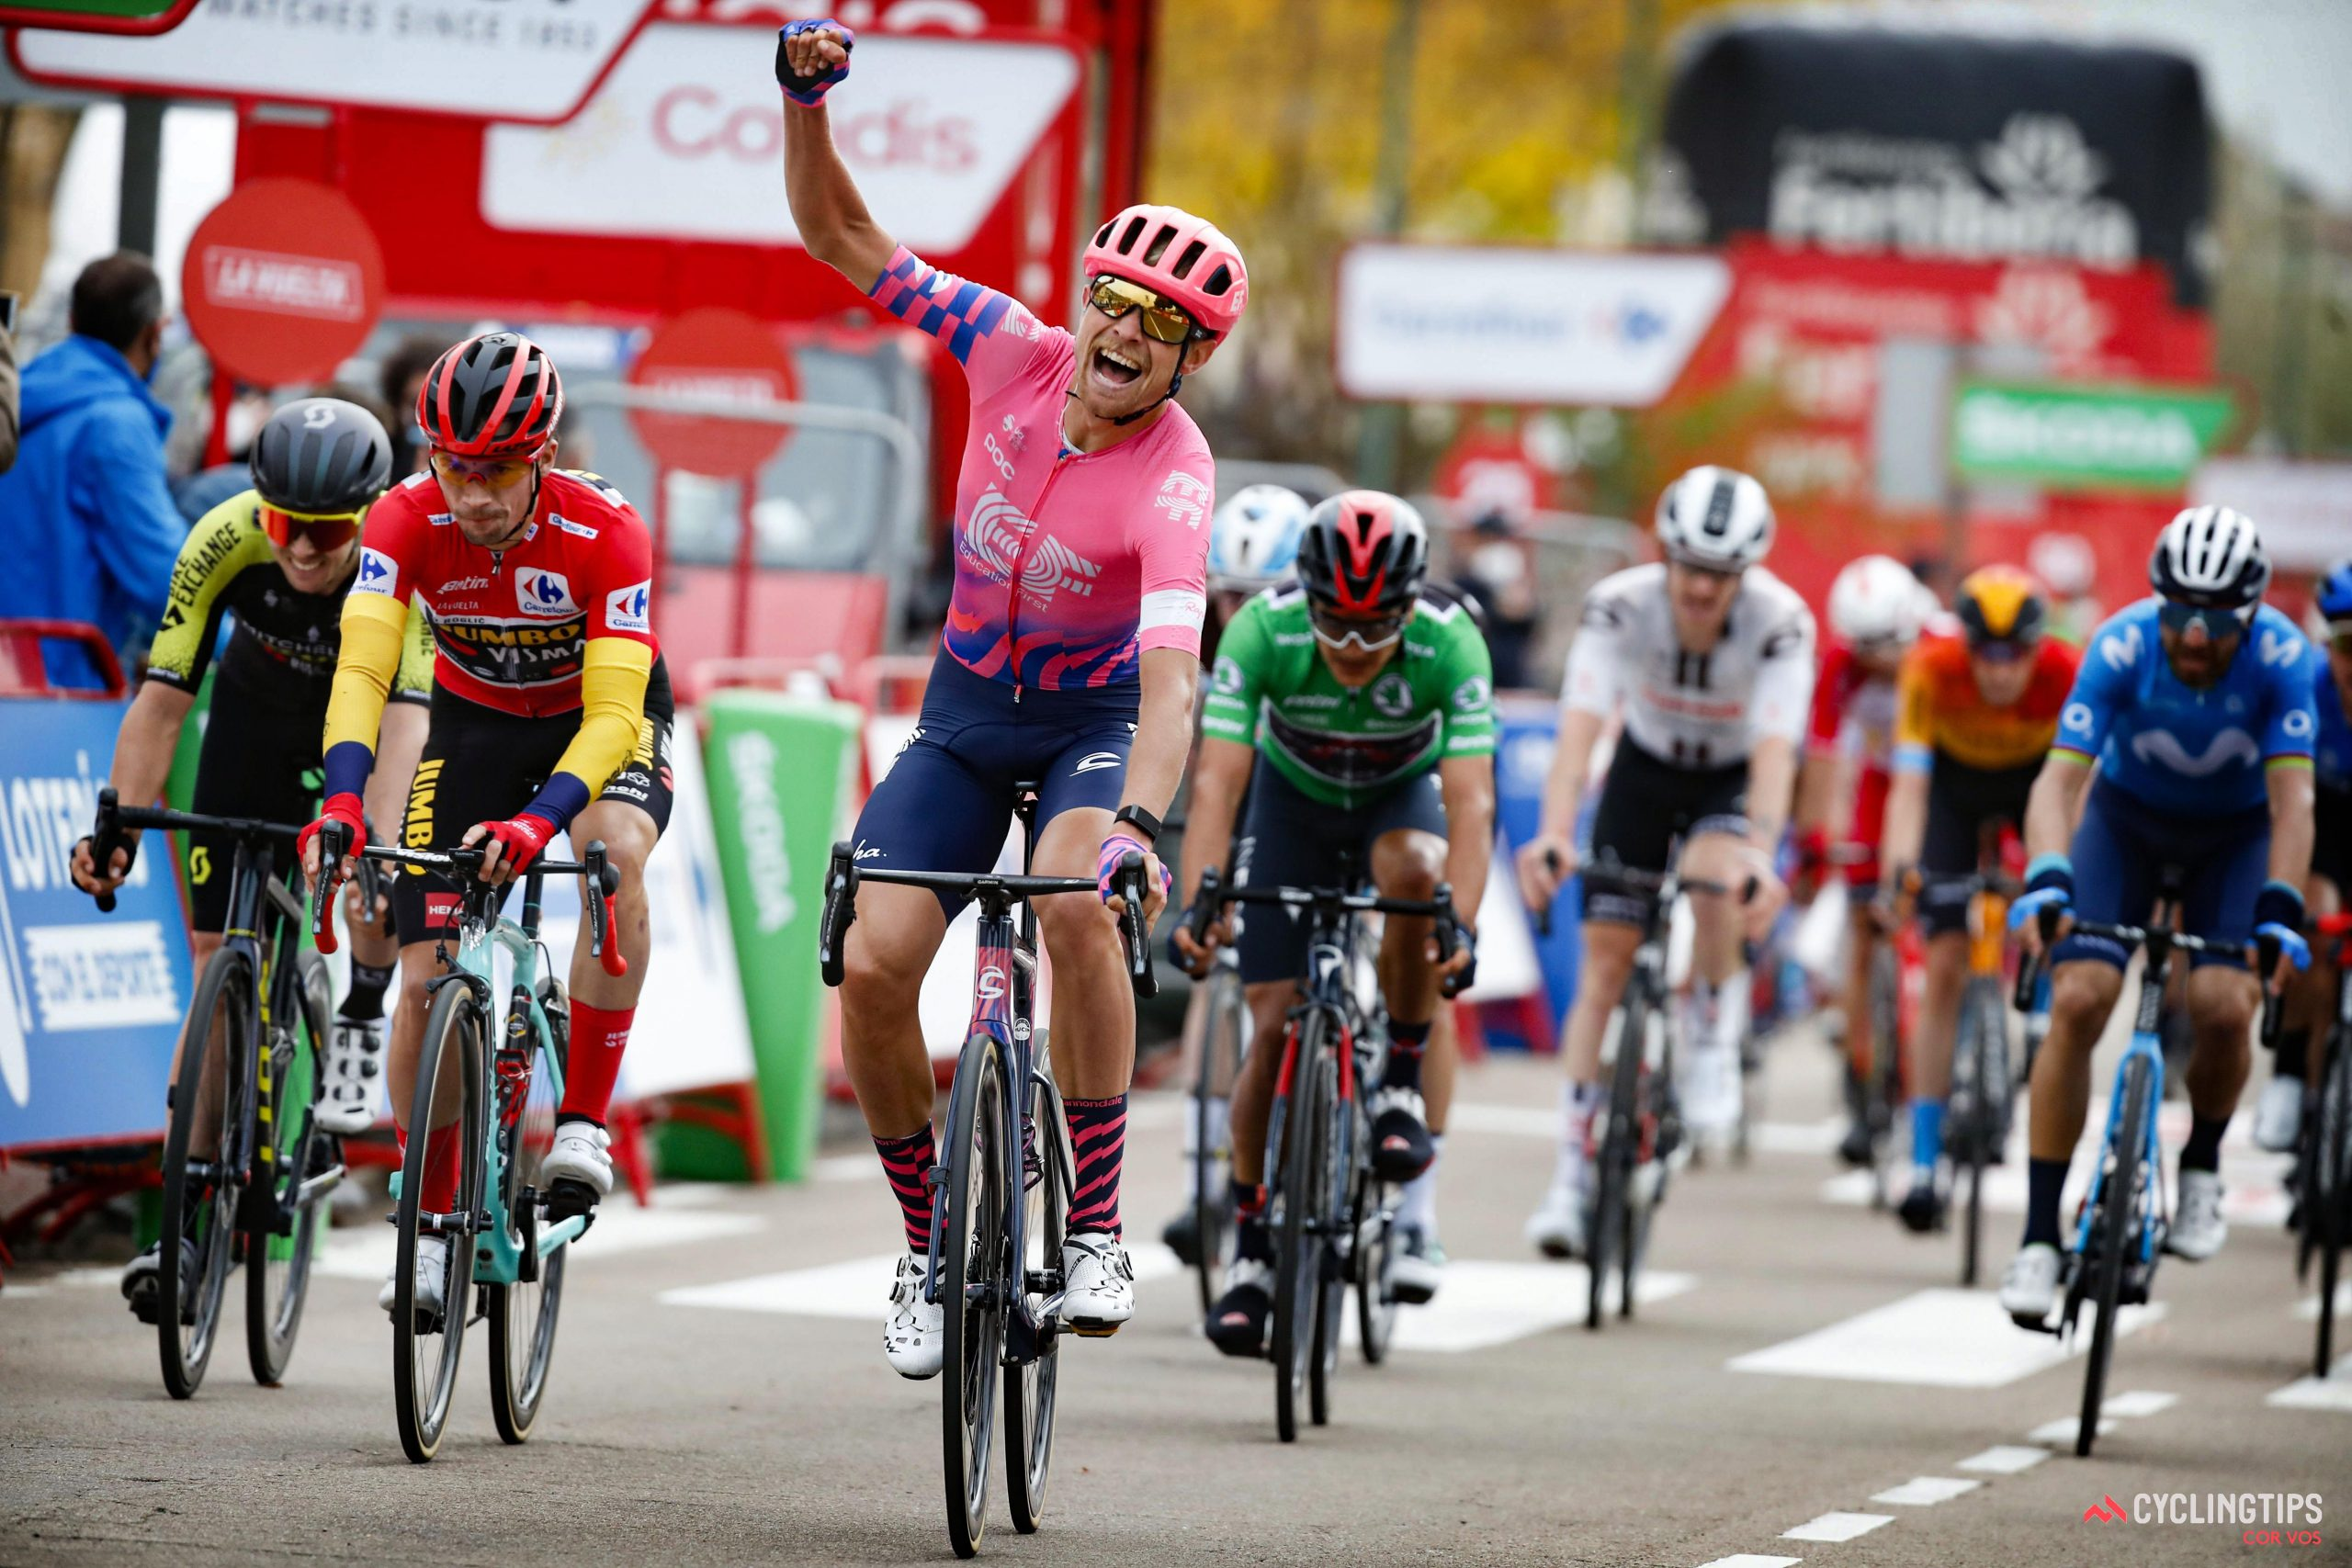 Magnus Cort remporte l'étape 16 de La Vuelta: Daily News Digest